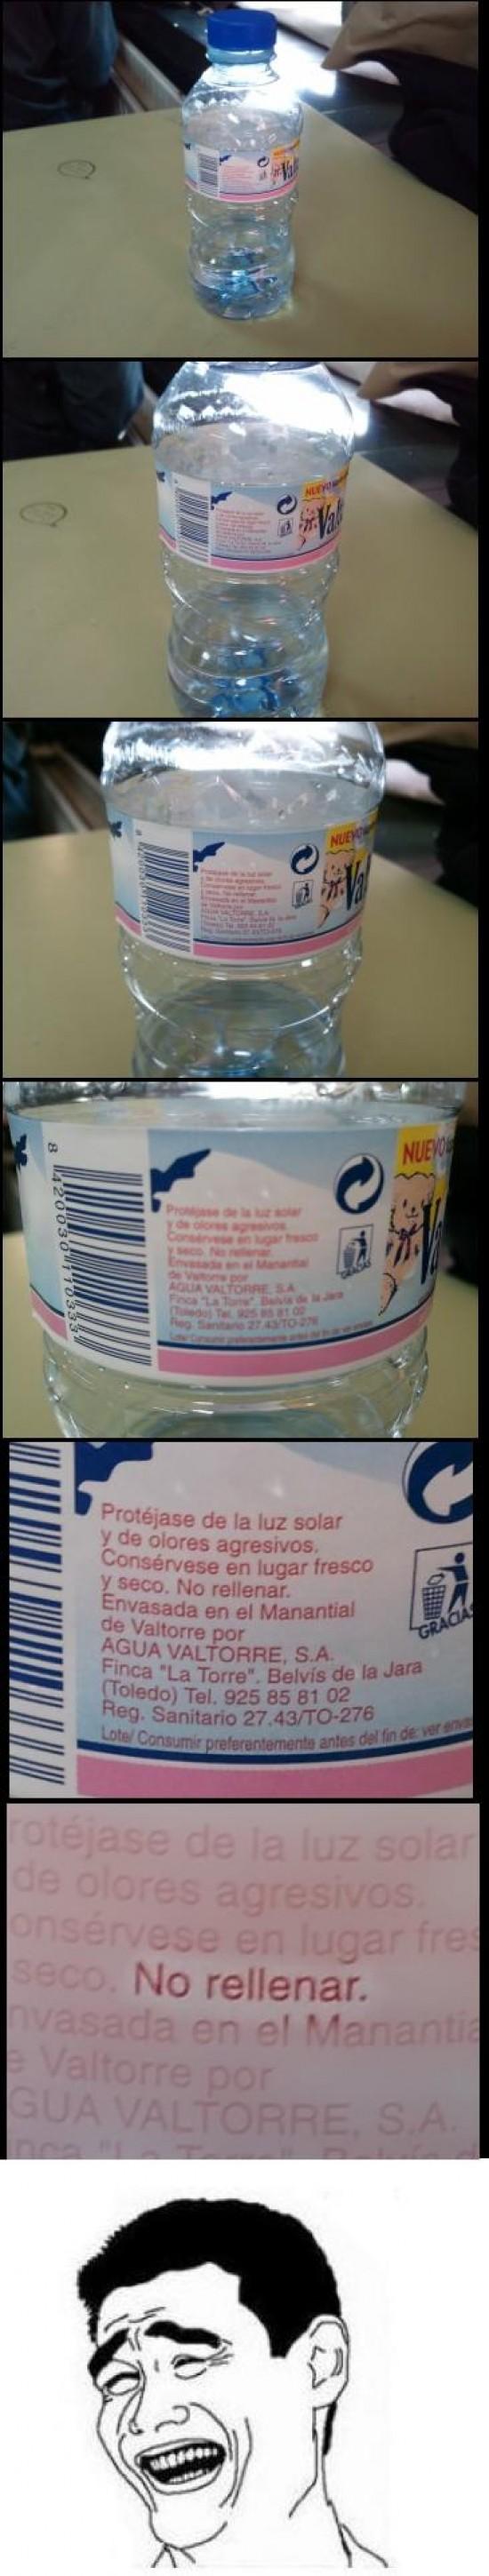 agua,chino,no,rellenar